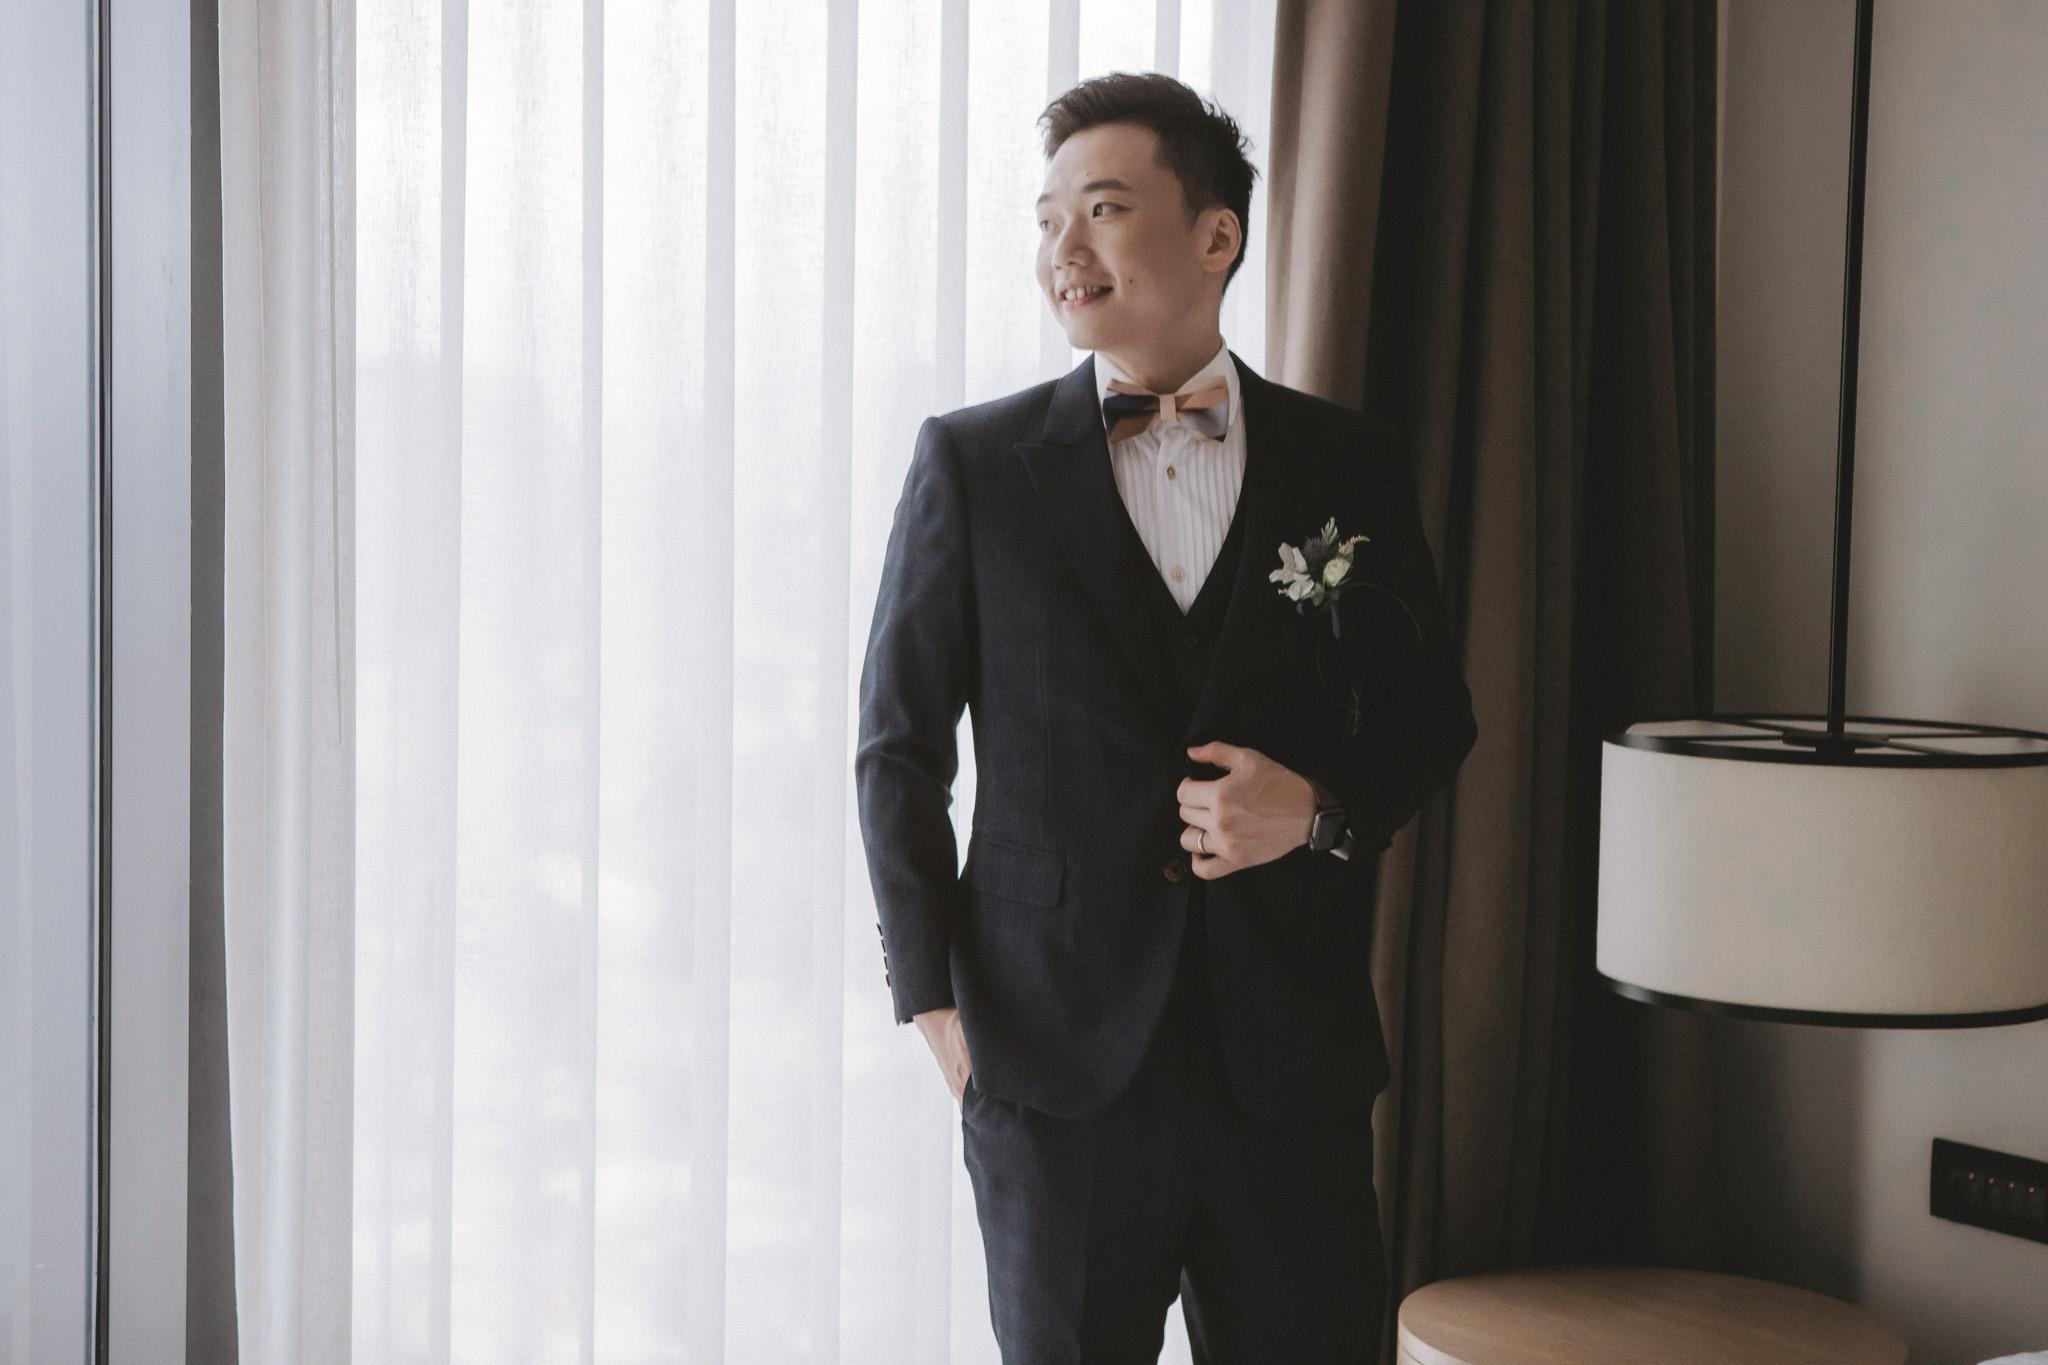 EW 居米 台北婚宴 台北婚紗 台北婚攝 國泰萬怡 台北婚禮 -7